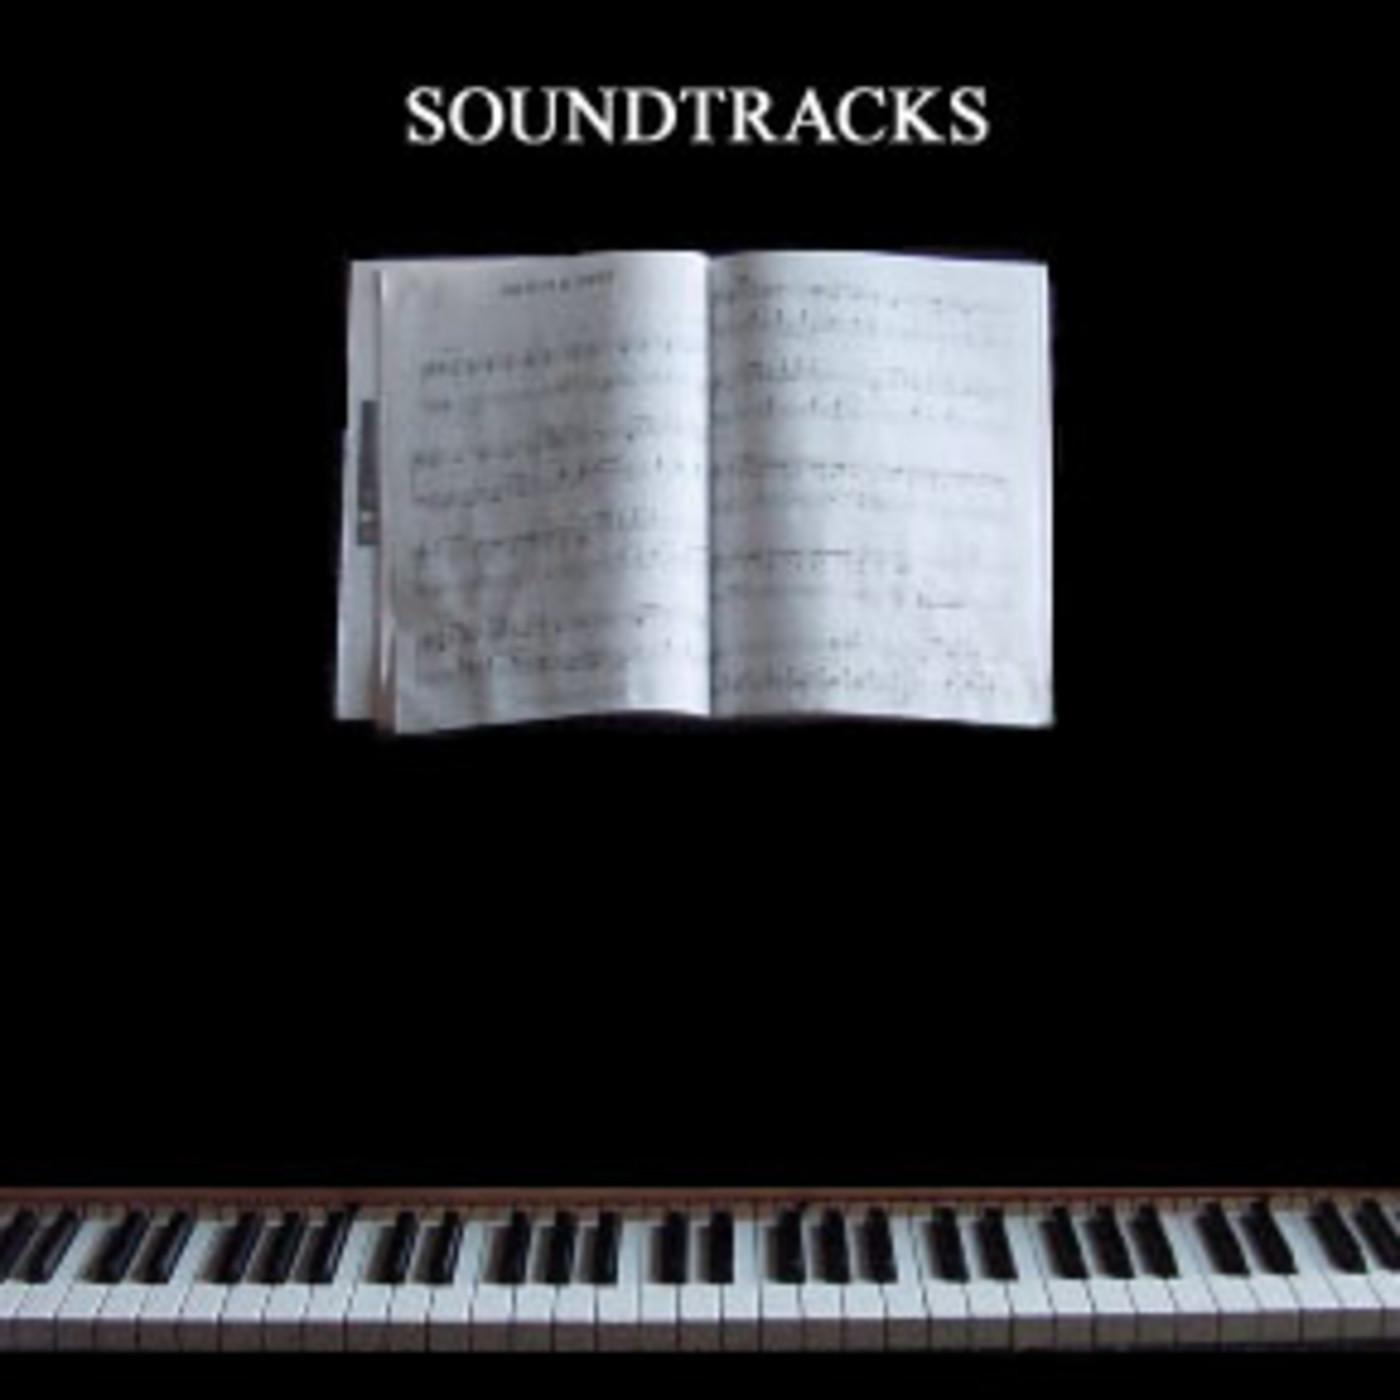 Subterranea 7x11 - Art Rock y bandas sonoras